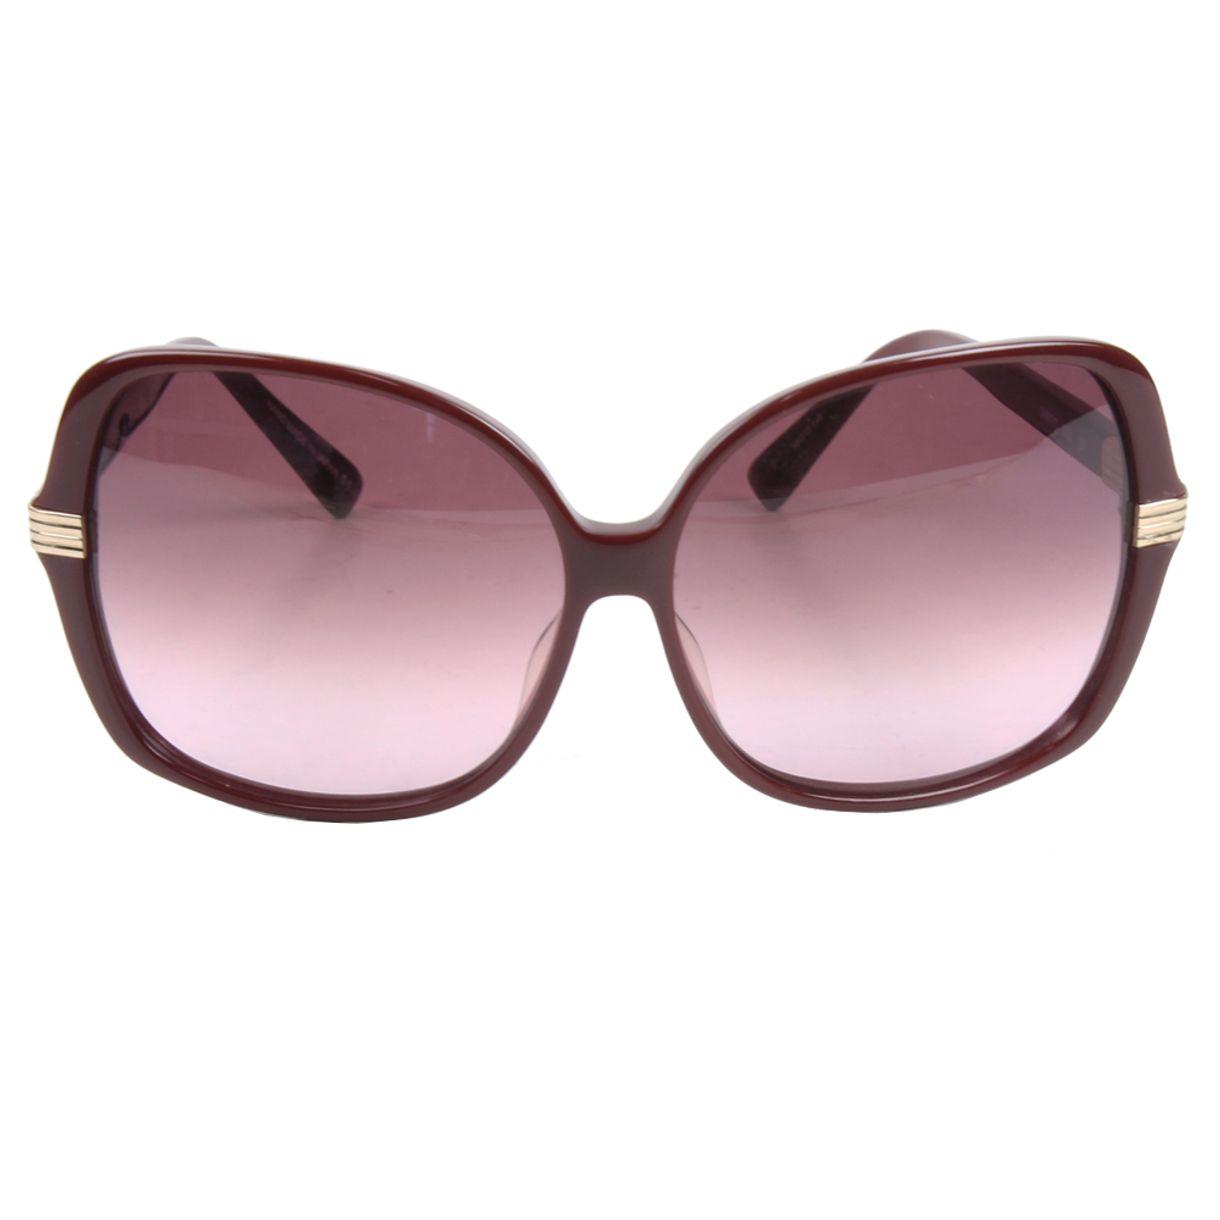 6039-oculos-blinde-vinho-1